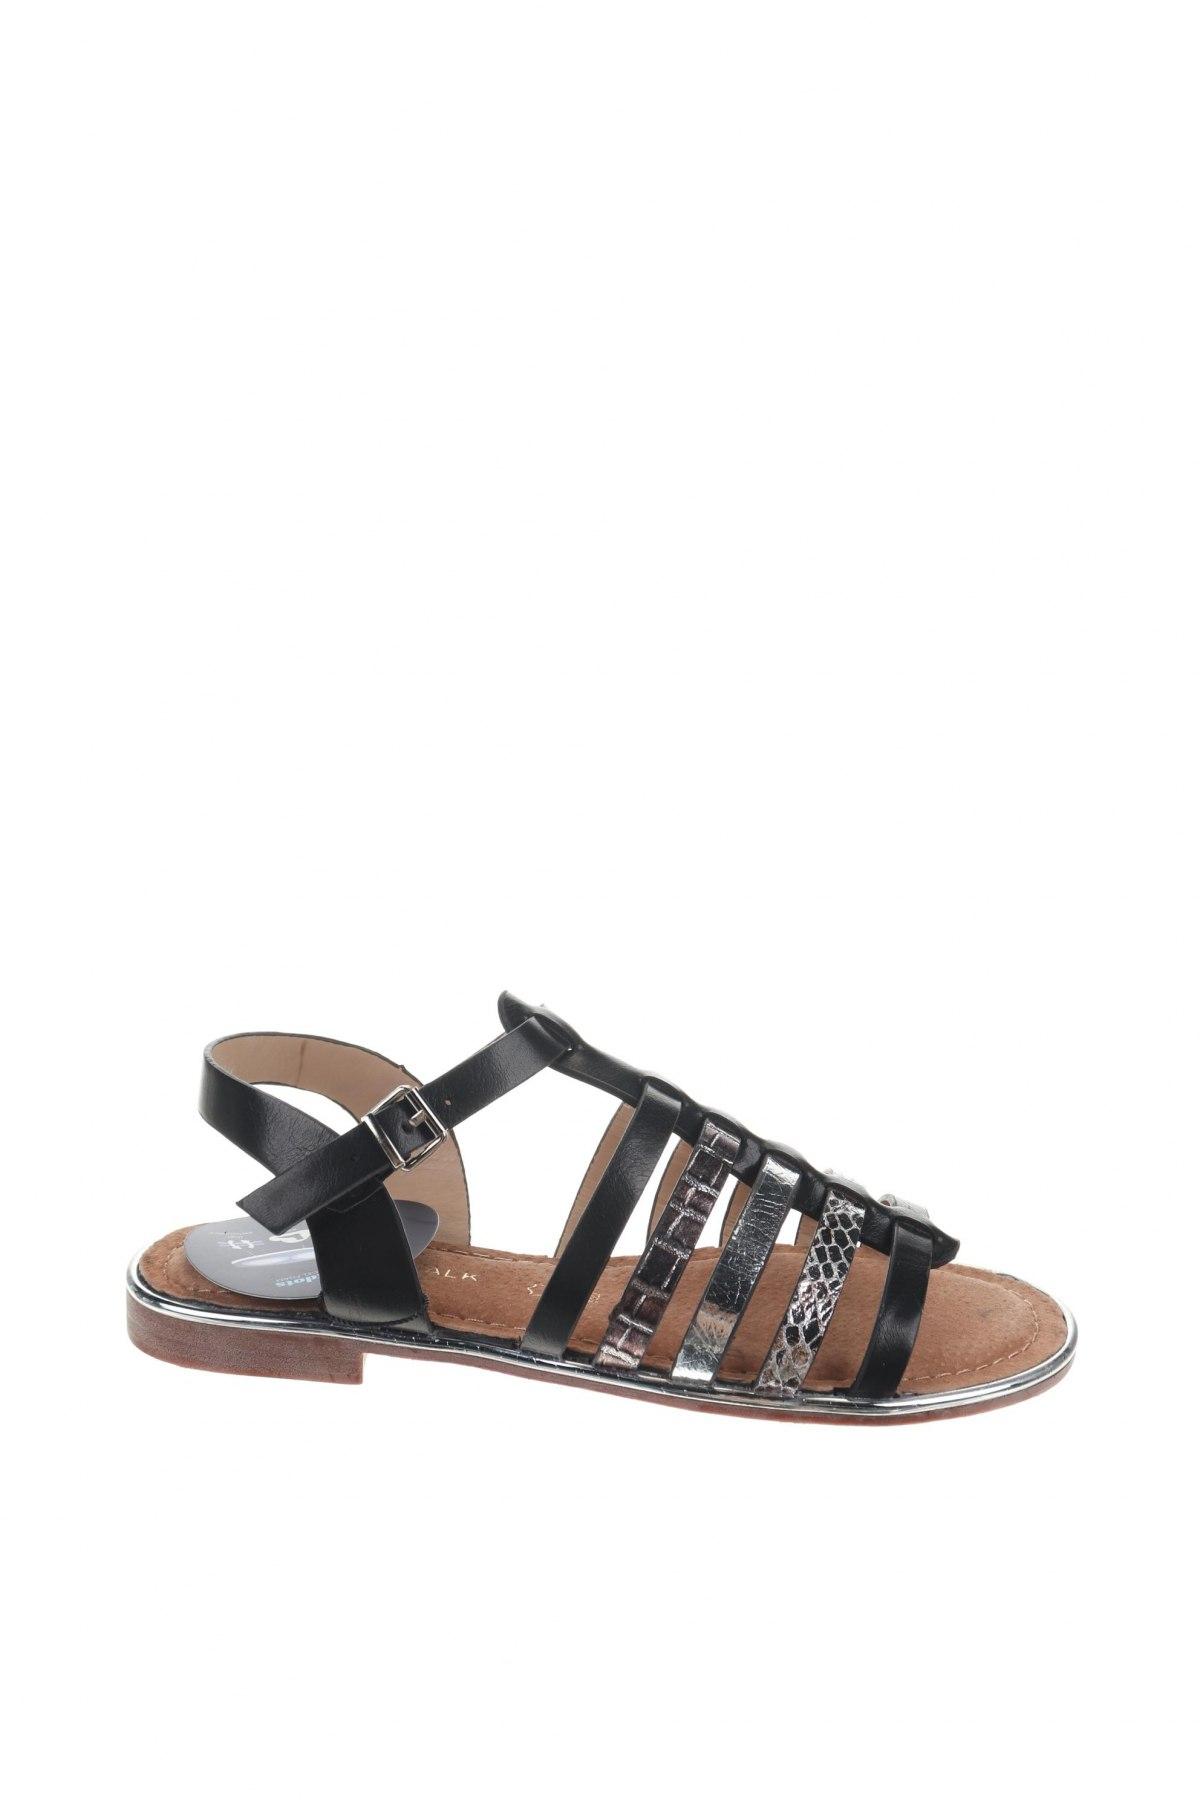 Σανδάλια Nicewalk, Μέγεθος 36, Χρώμα Μαύρο, Δερματίνη, Τιμή 13,39€